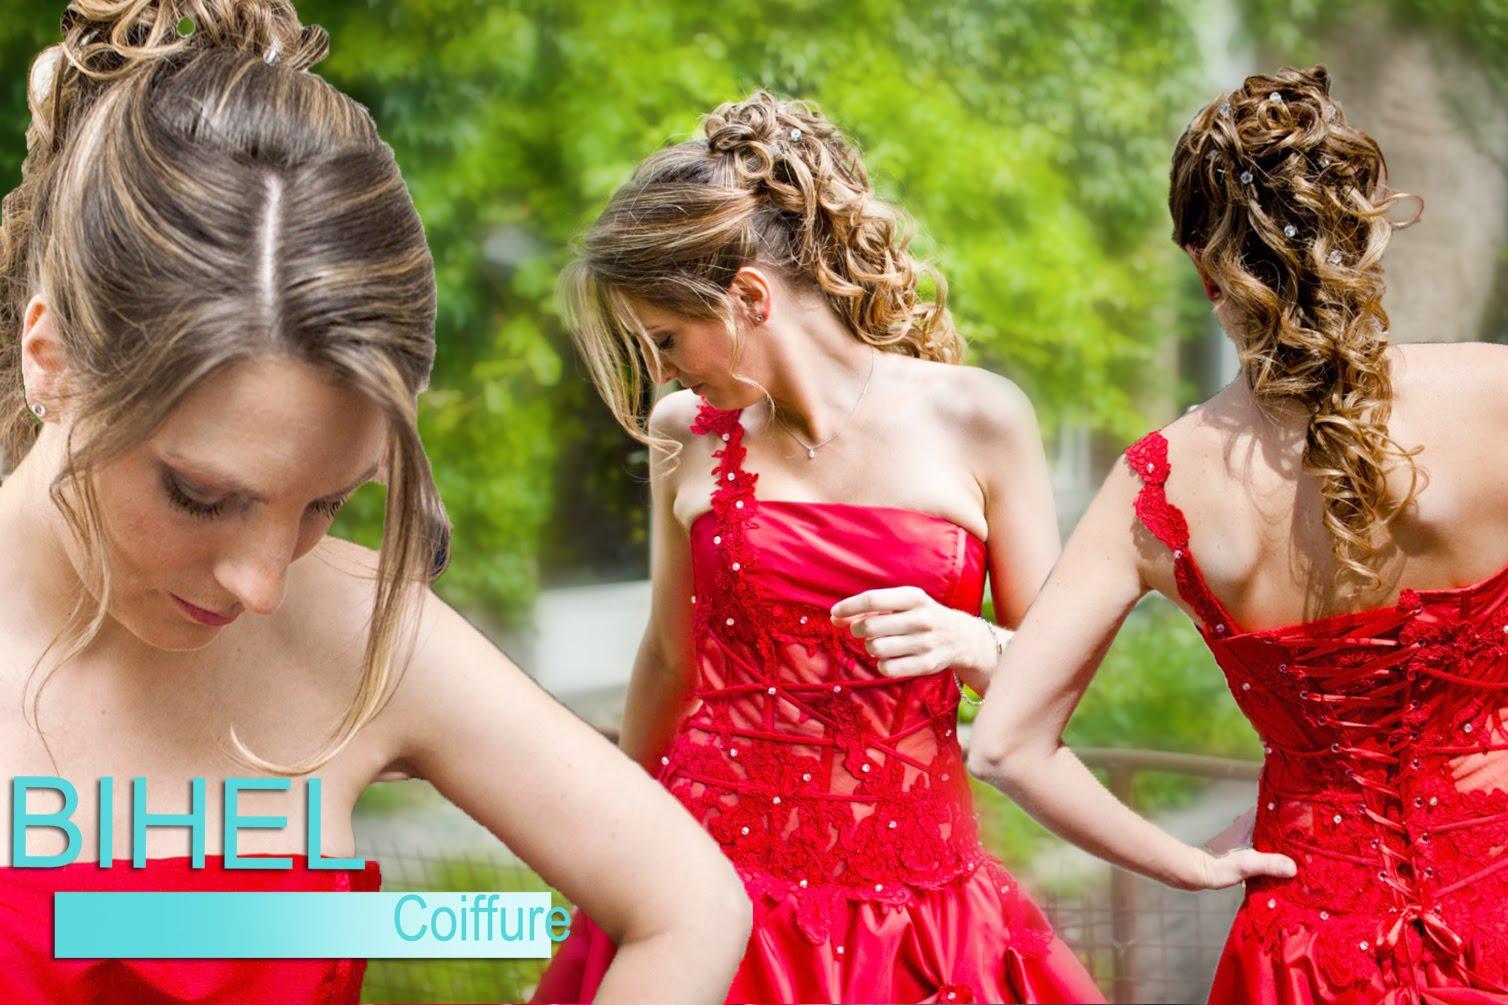 http://3.bp.blogspot.com/_8HXfdX4lWog/TTg3CsHaHfI/AAAAAAAAAAs/ANlg4ZchTZk/s1600/mariagecoiffurebihel.jpg